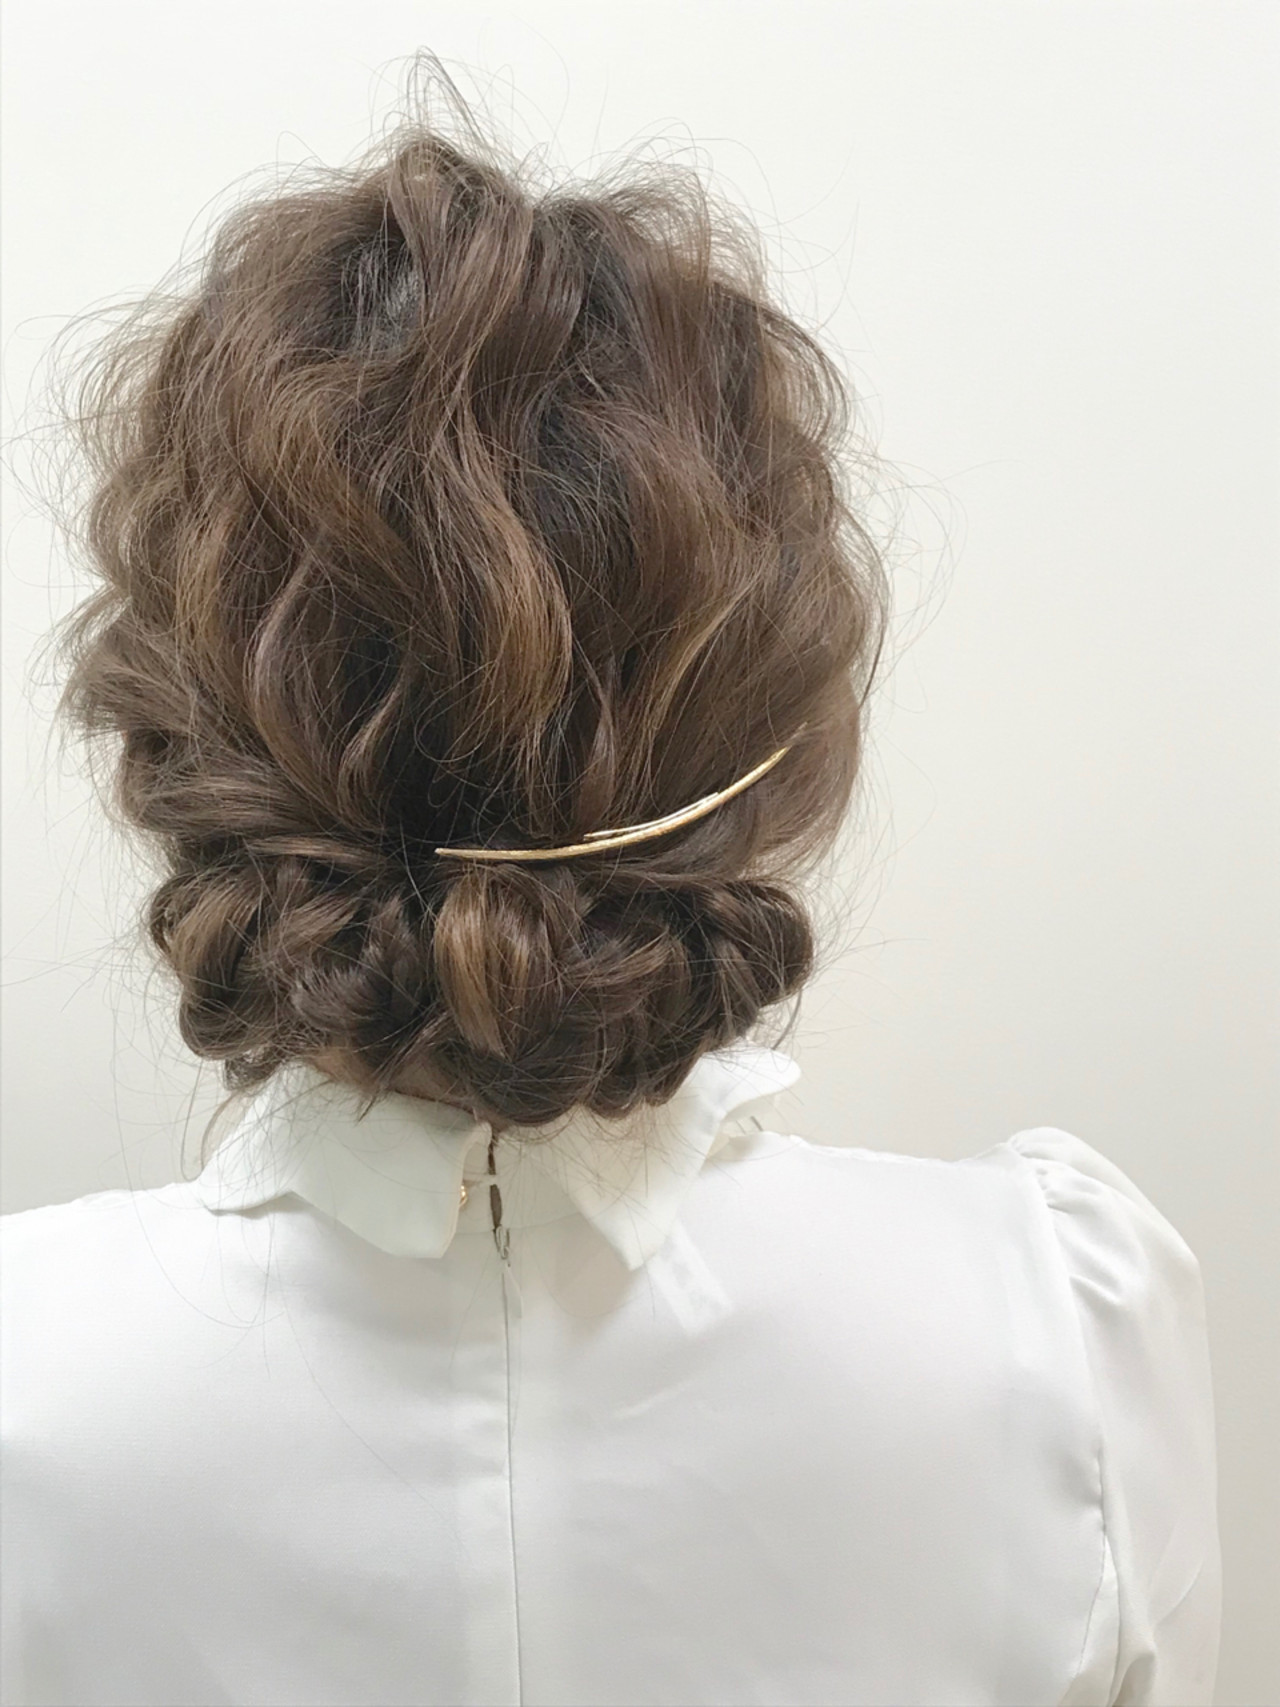 髪飾りも素敵♡ギブソンタックアレンジ 伊藤 裕貴